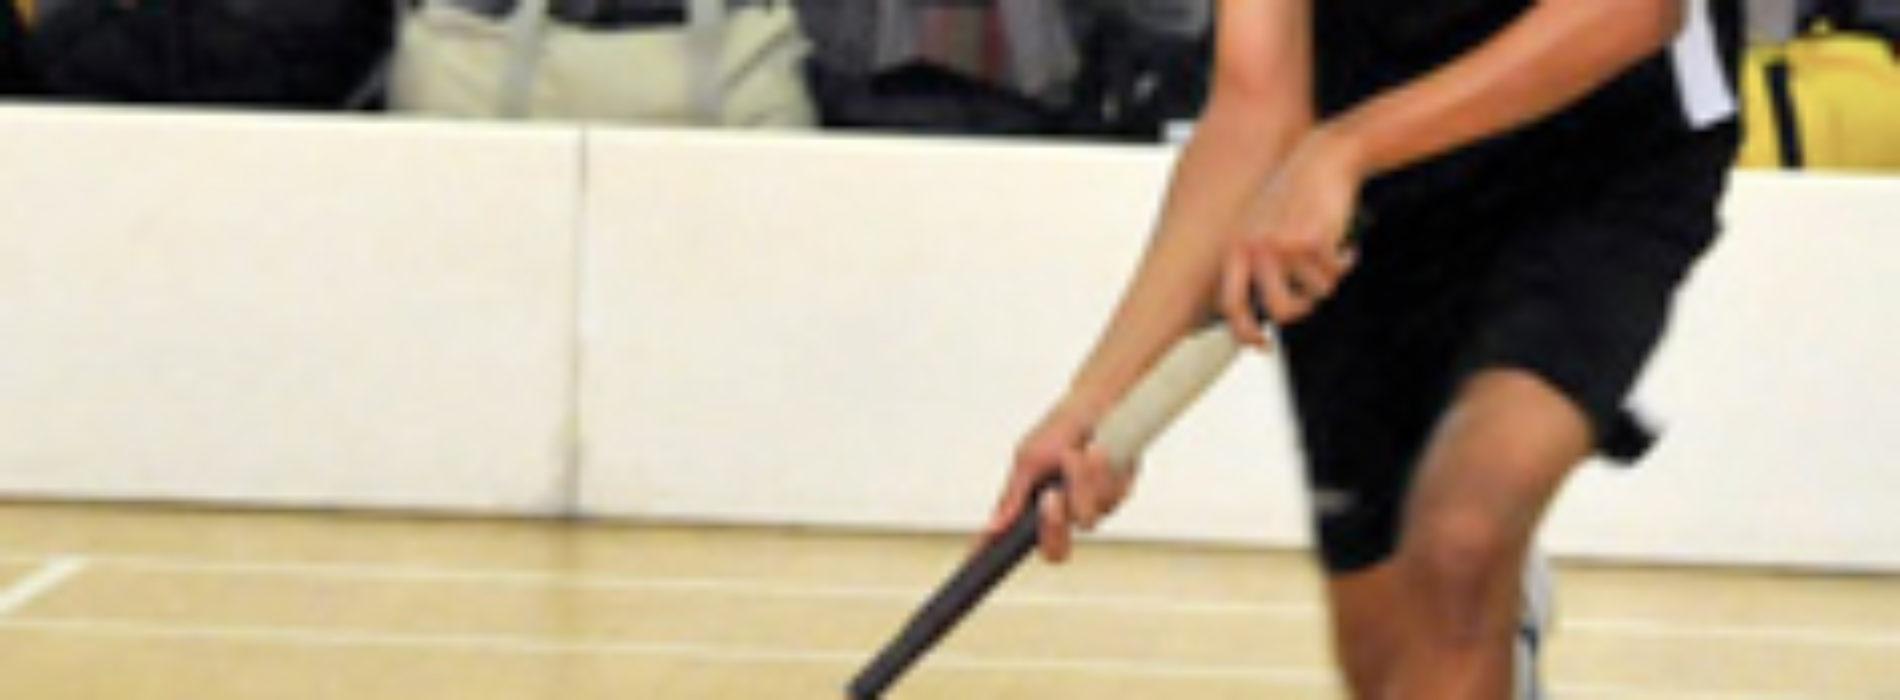 Floorball Intramurals